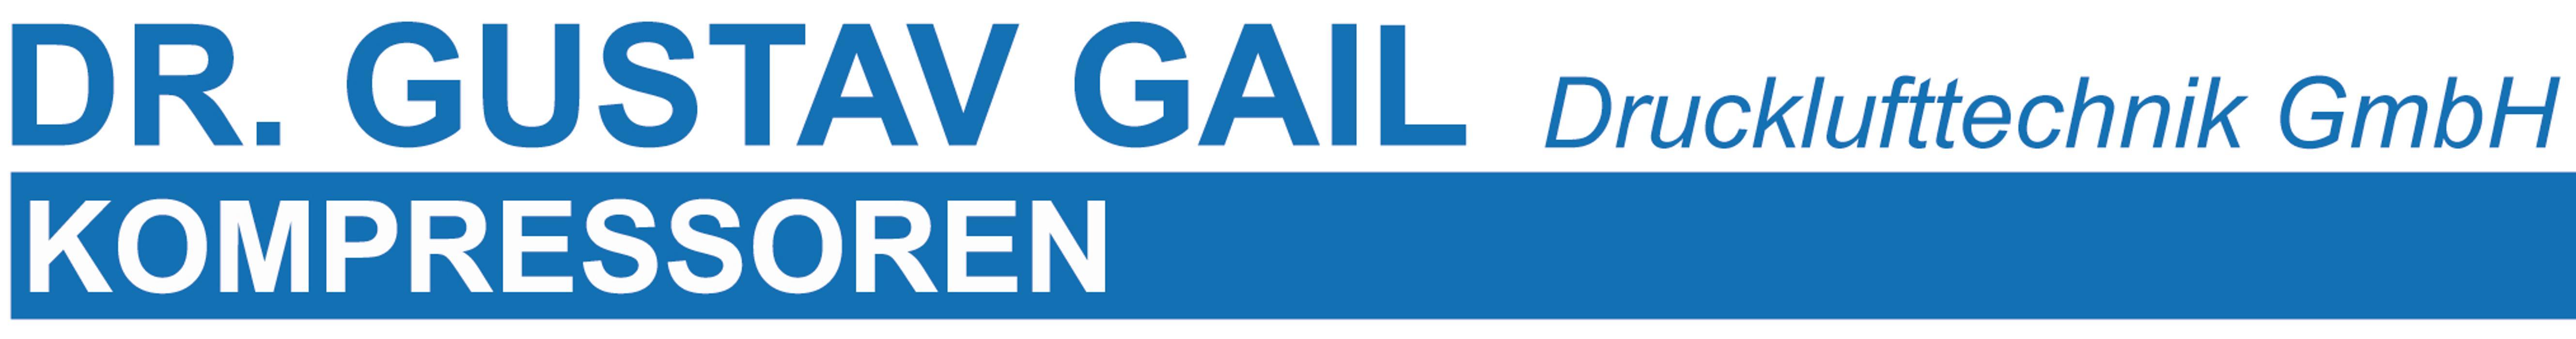 Bild zu Dr. Gustav Gail Drucklufttechnik GmbH in Köln